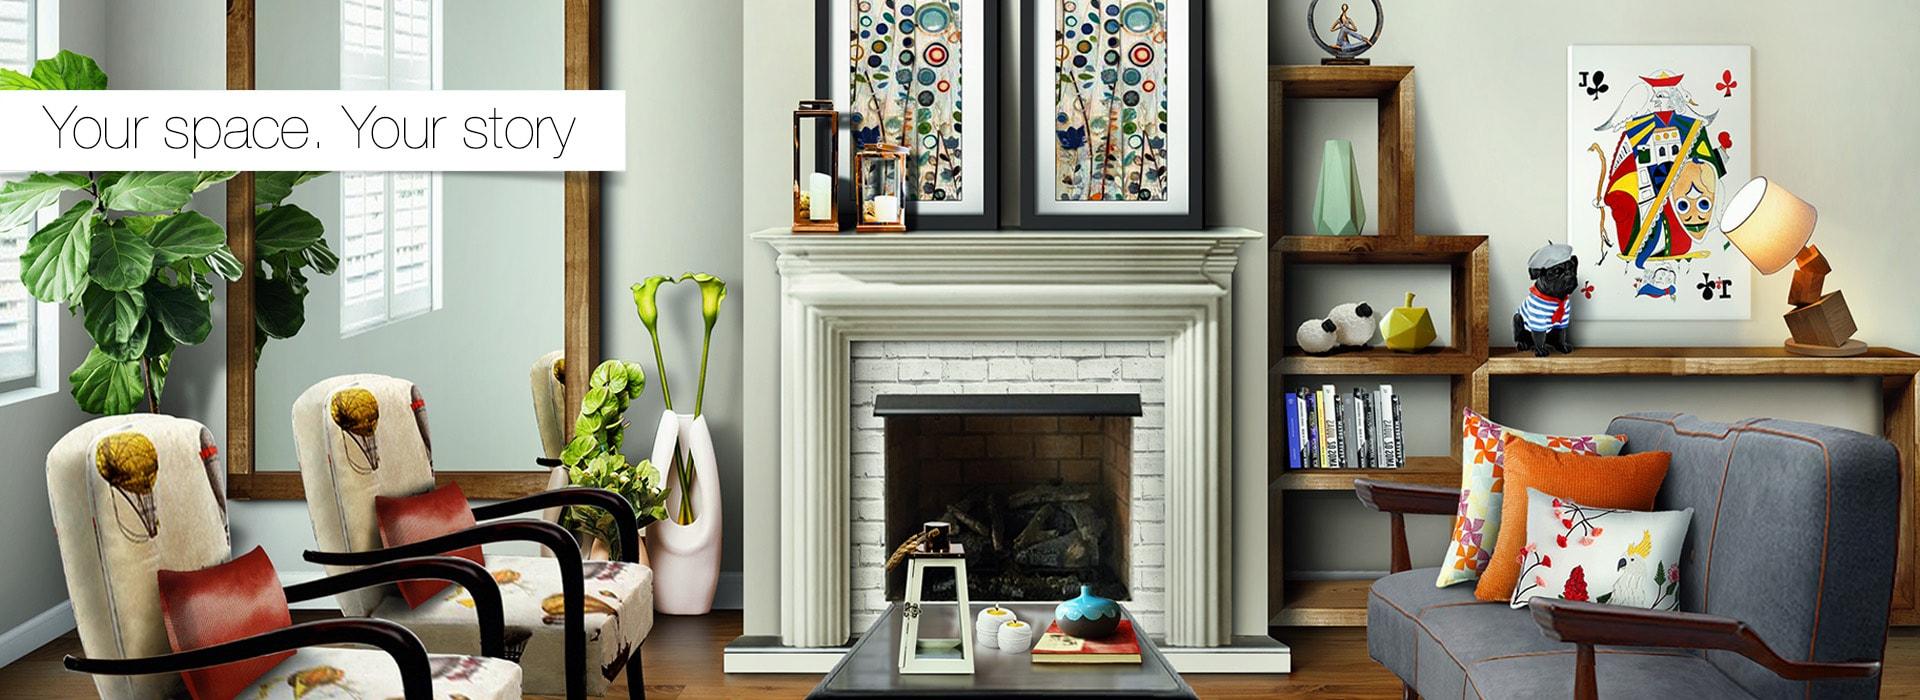 online interior design services cubspaces